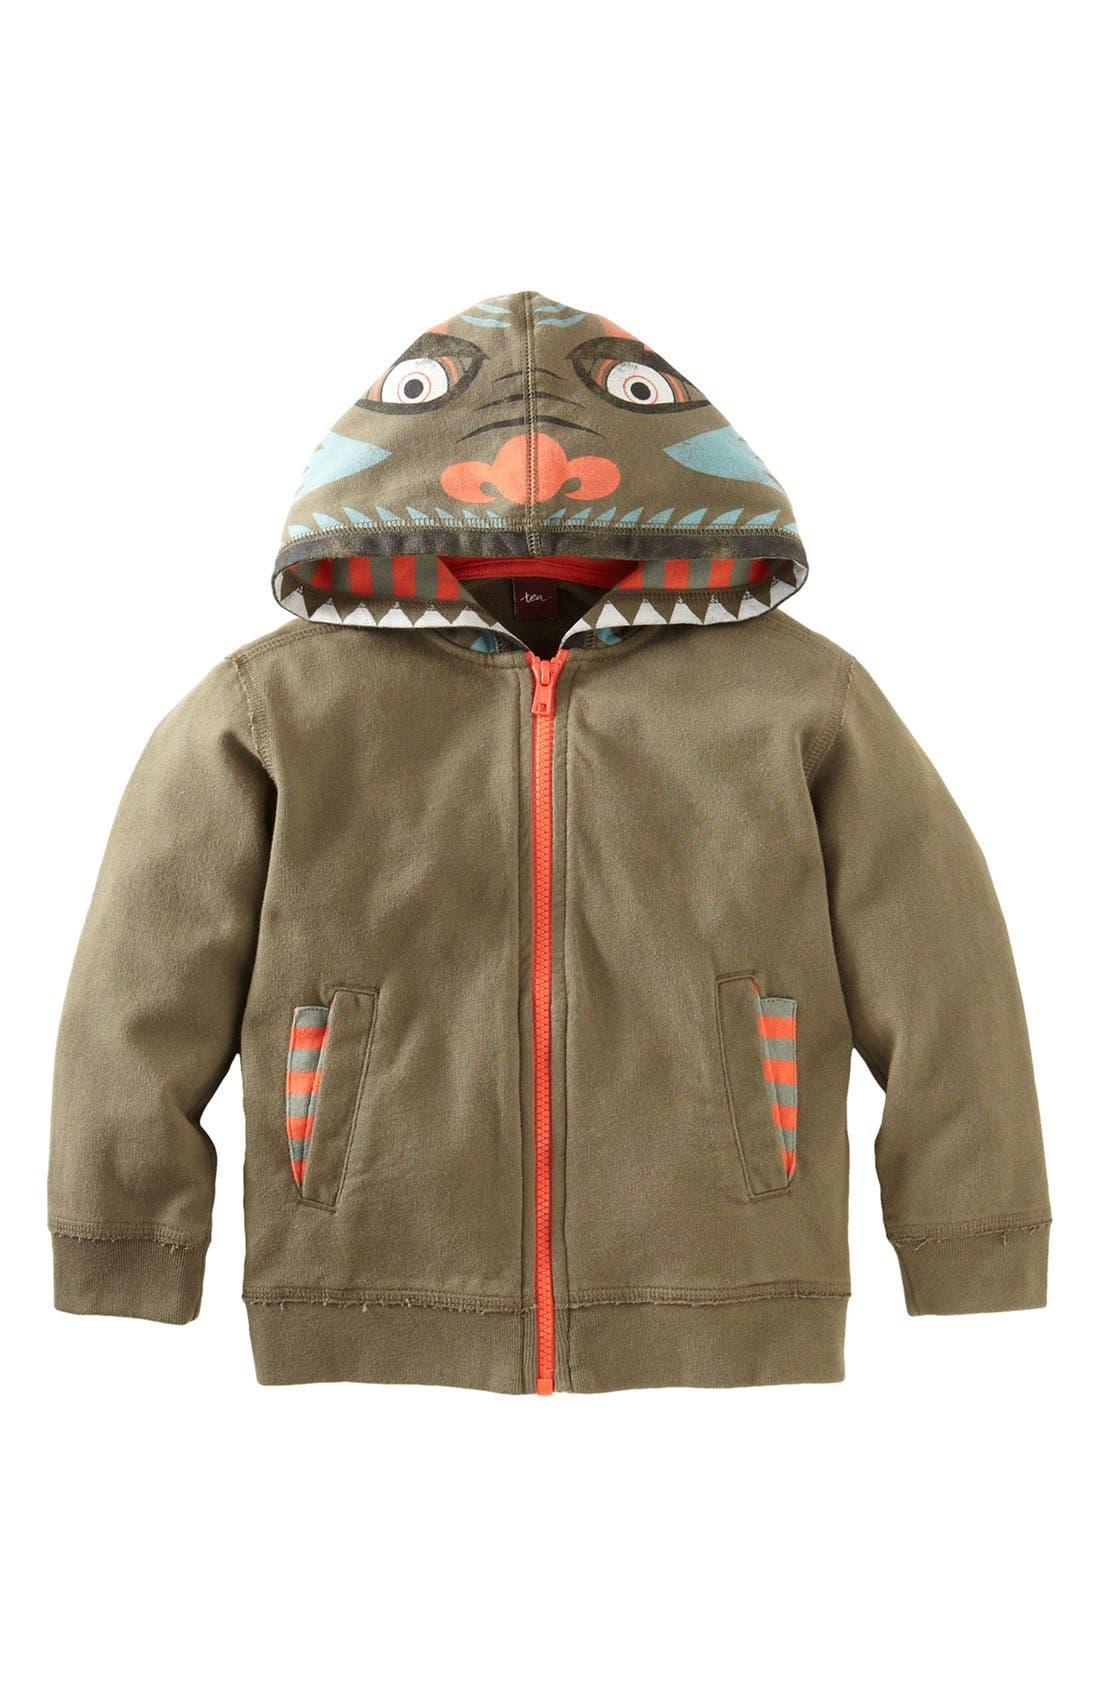 Main Image - Tea Collection 'Daring Dragon' Hoodie (Toddler)